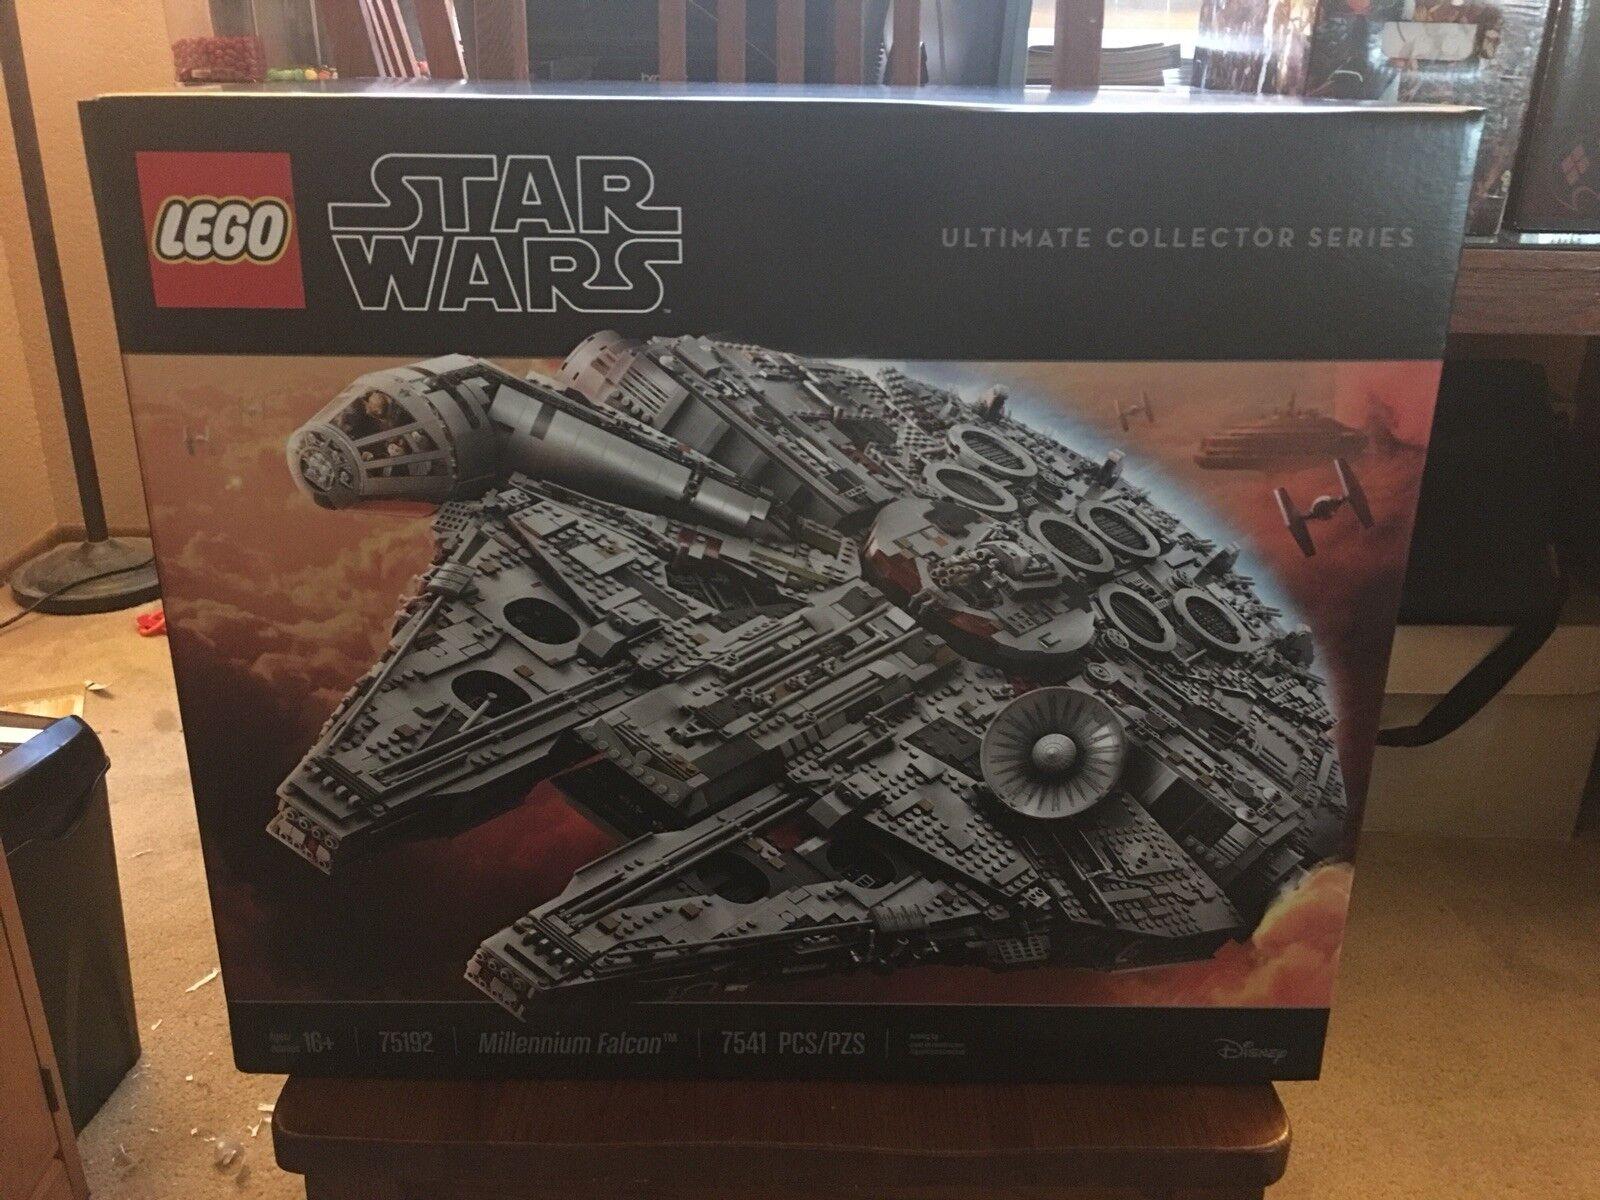 Lego estrella guerras  UCS Millennium Falcon 75192 nuovo in scatola in he ready to ship  nuovo sadico